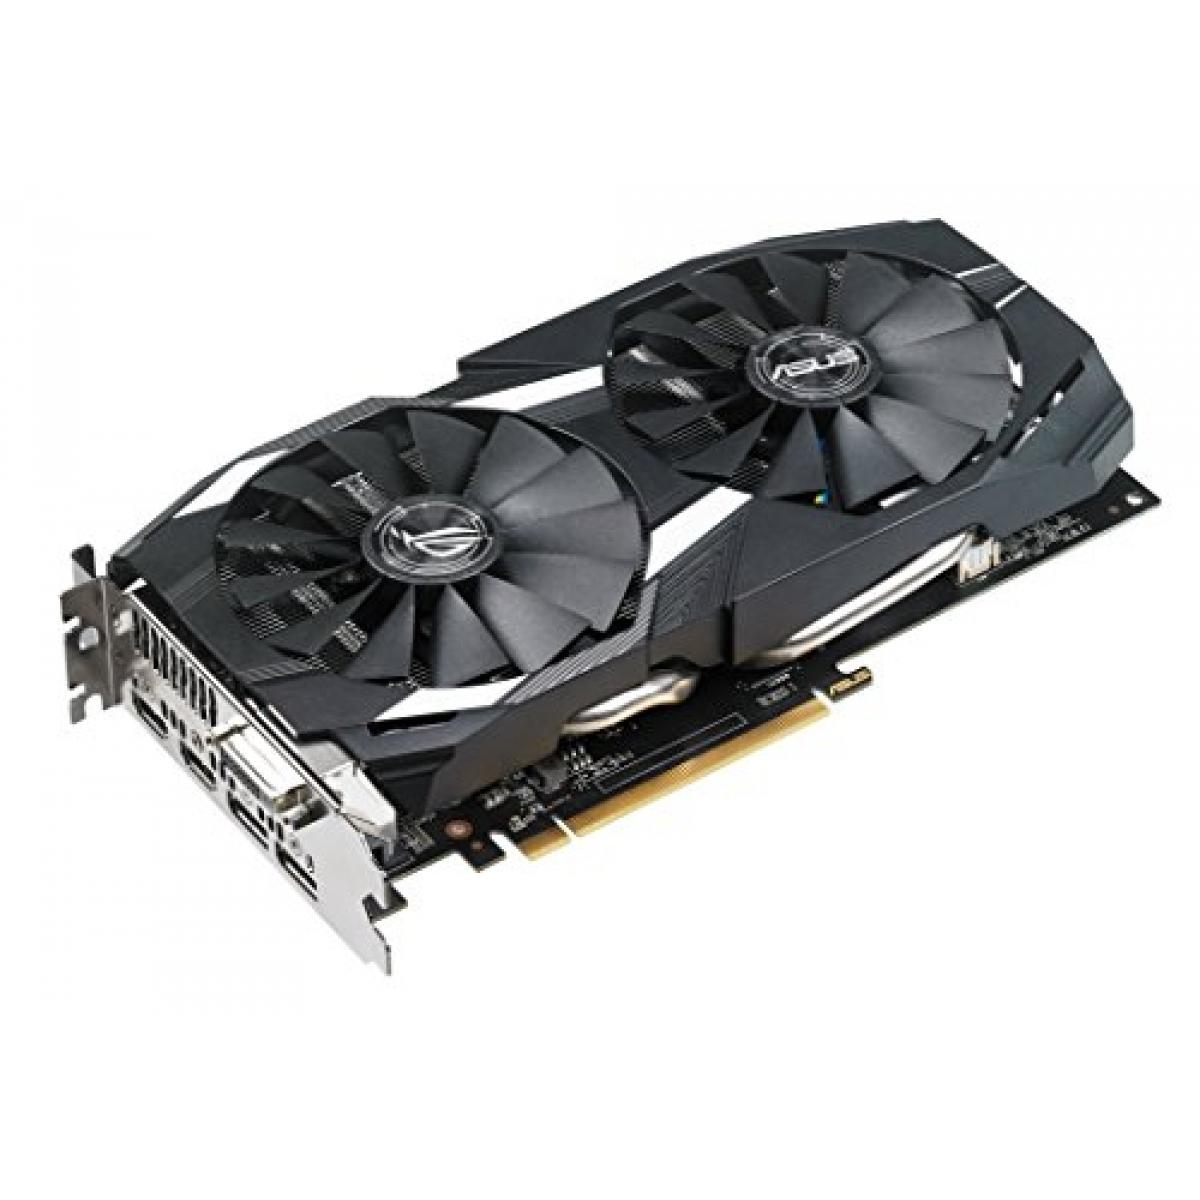 Placa de Vídeo Asus Radeon RX 580 Dual OC, 8GB GDDR5, 256Bit, DUAL-RX580-O8G